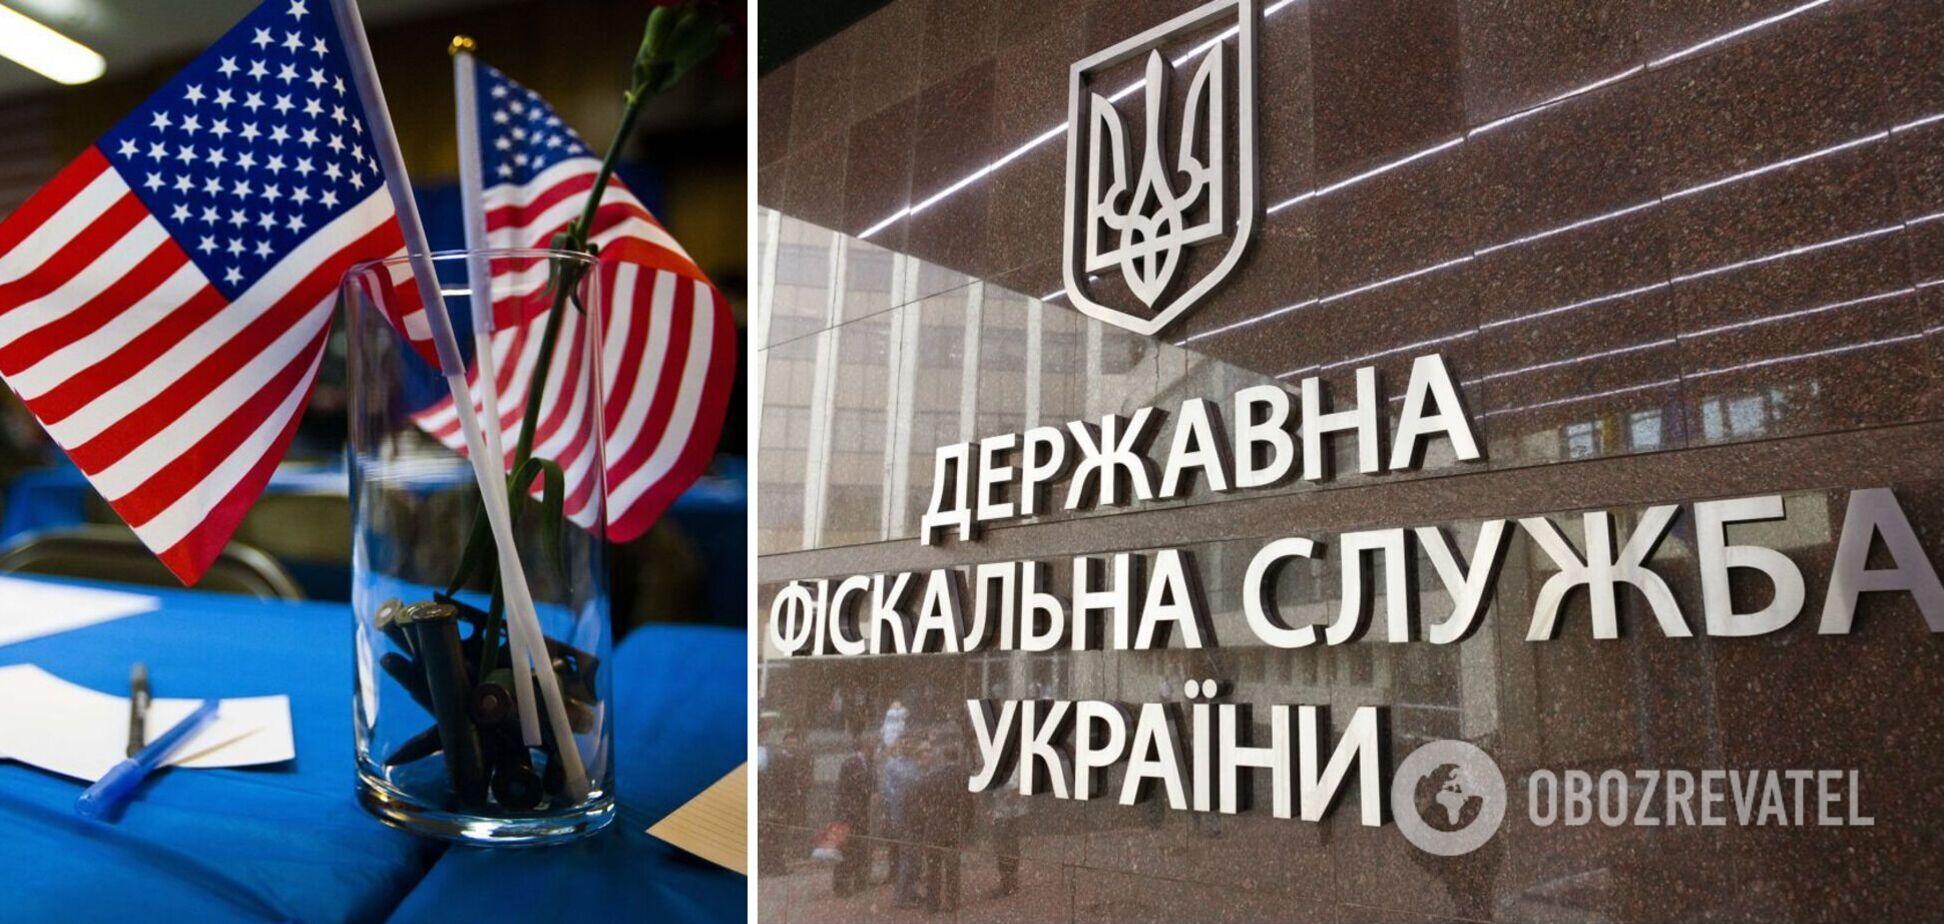 В Американско-украинском деловом совете заявили о поддержке создания Офиса эффективного взаимодействия с бизнесом при ГФС